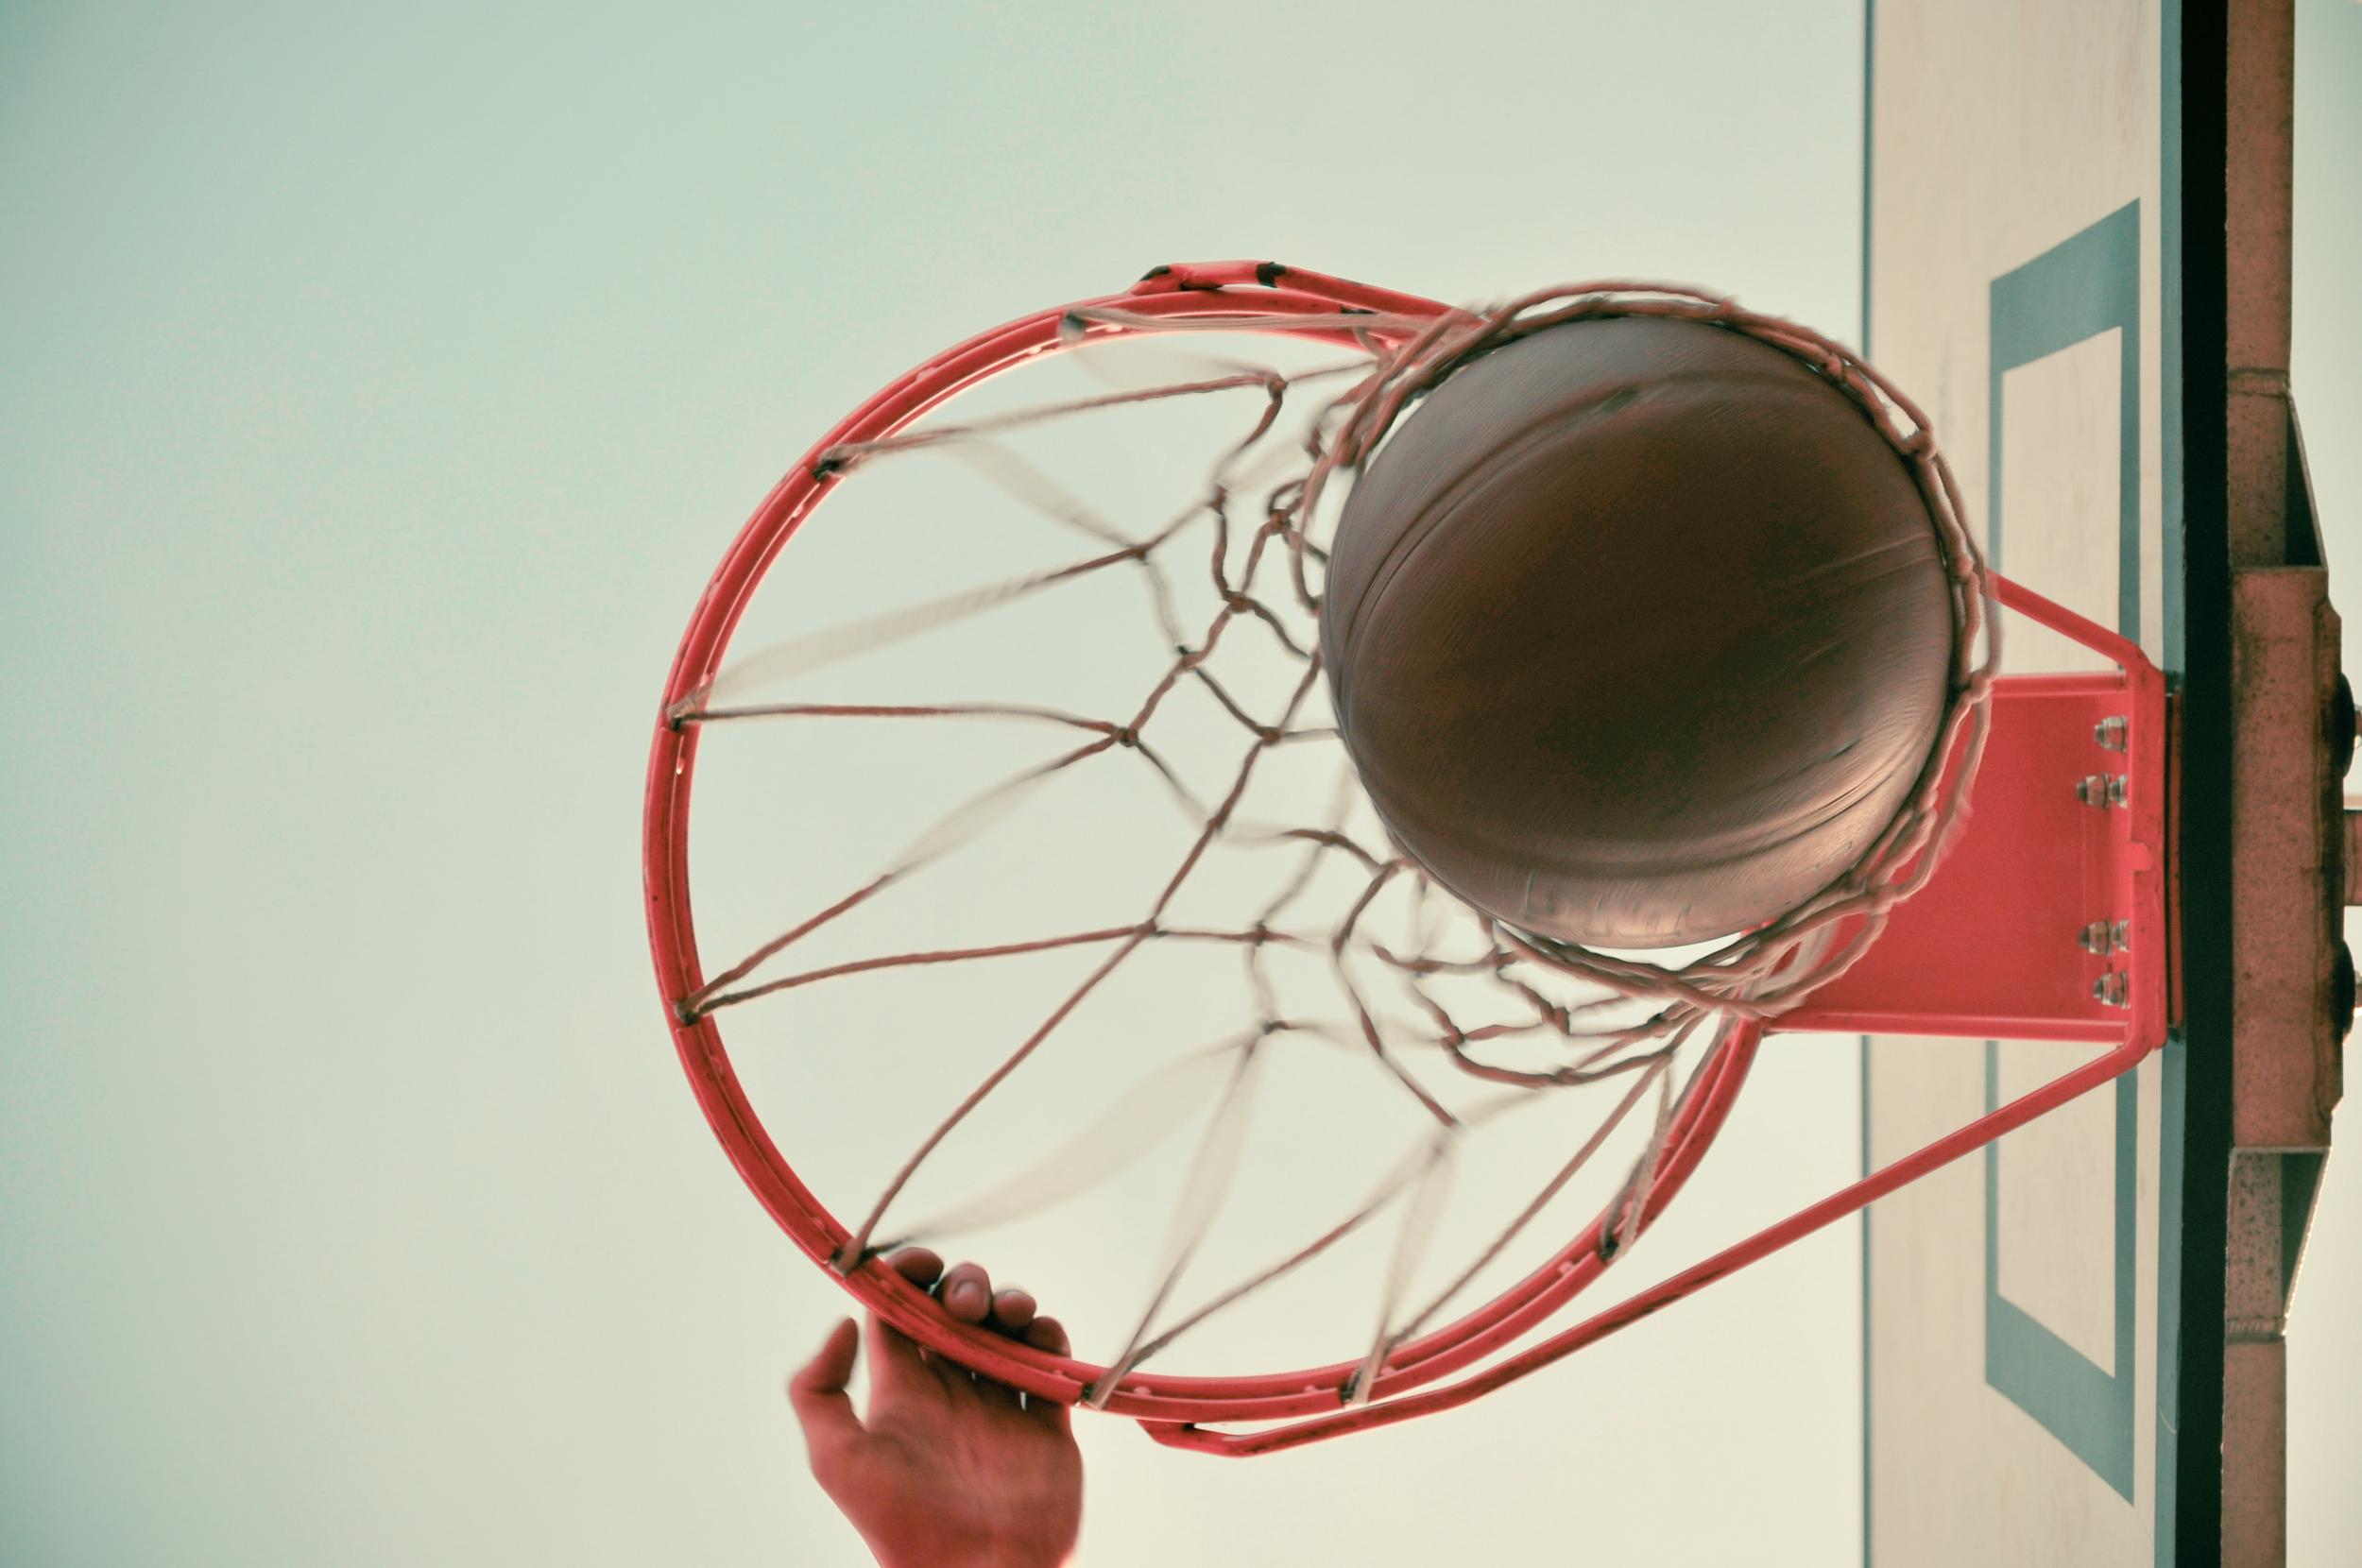 sports photo-1430041170142-a738e0be29ab.jpg